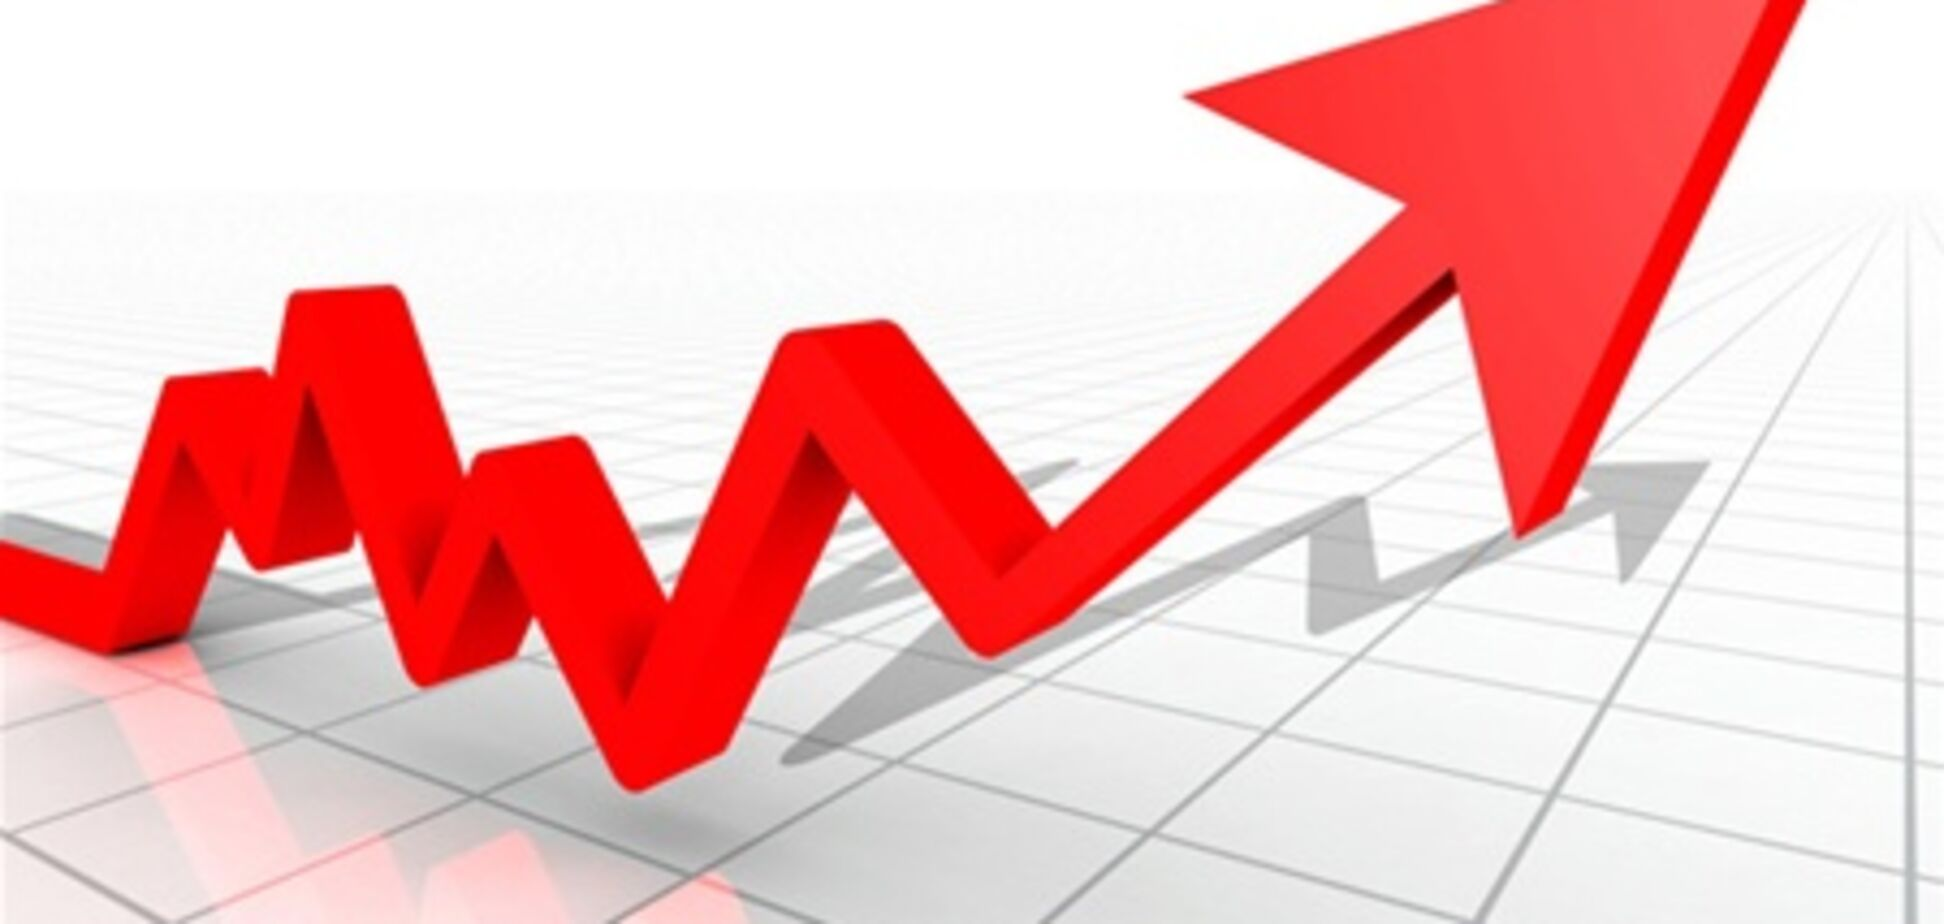 Обозреватель и портал недвижимости Address.ua покажут статистику цен на недвижимость